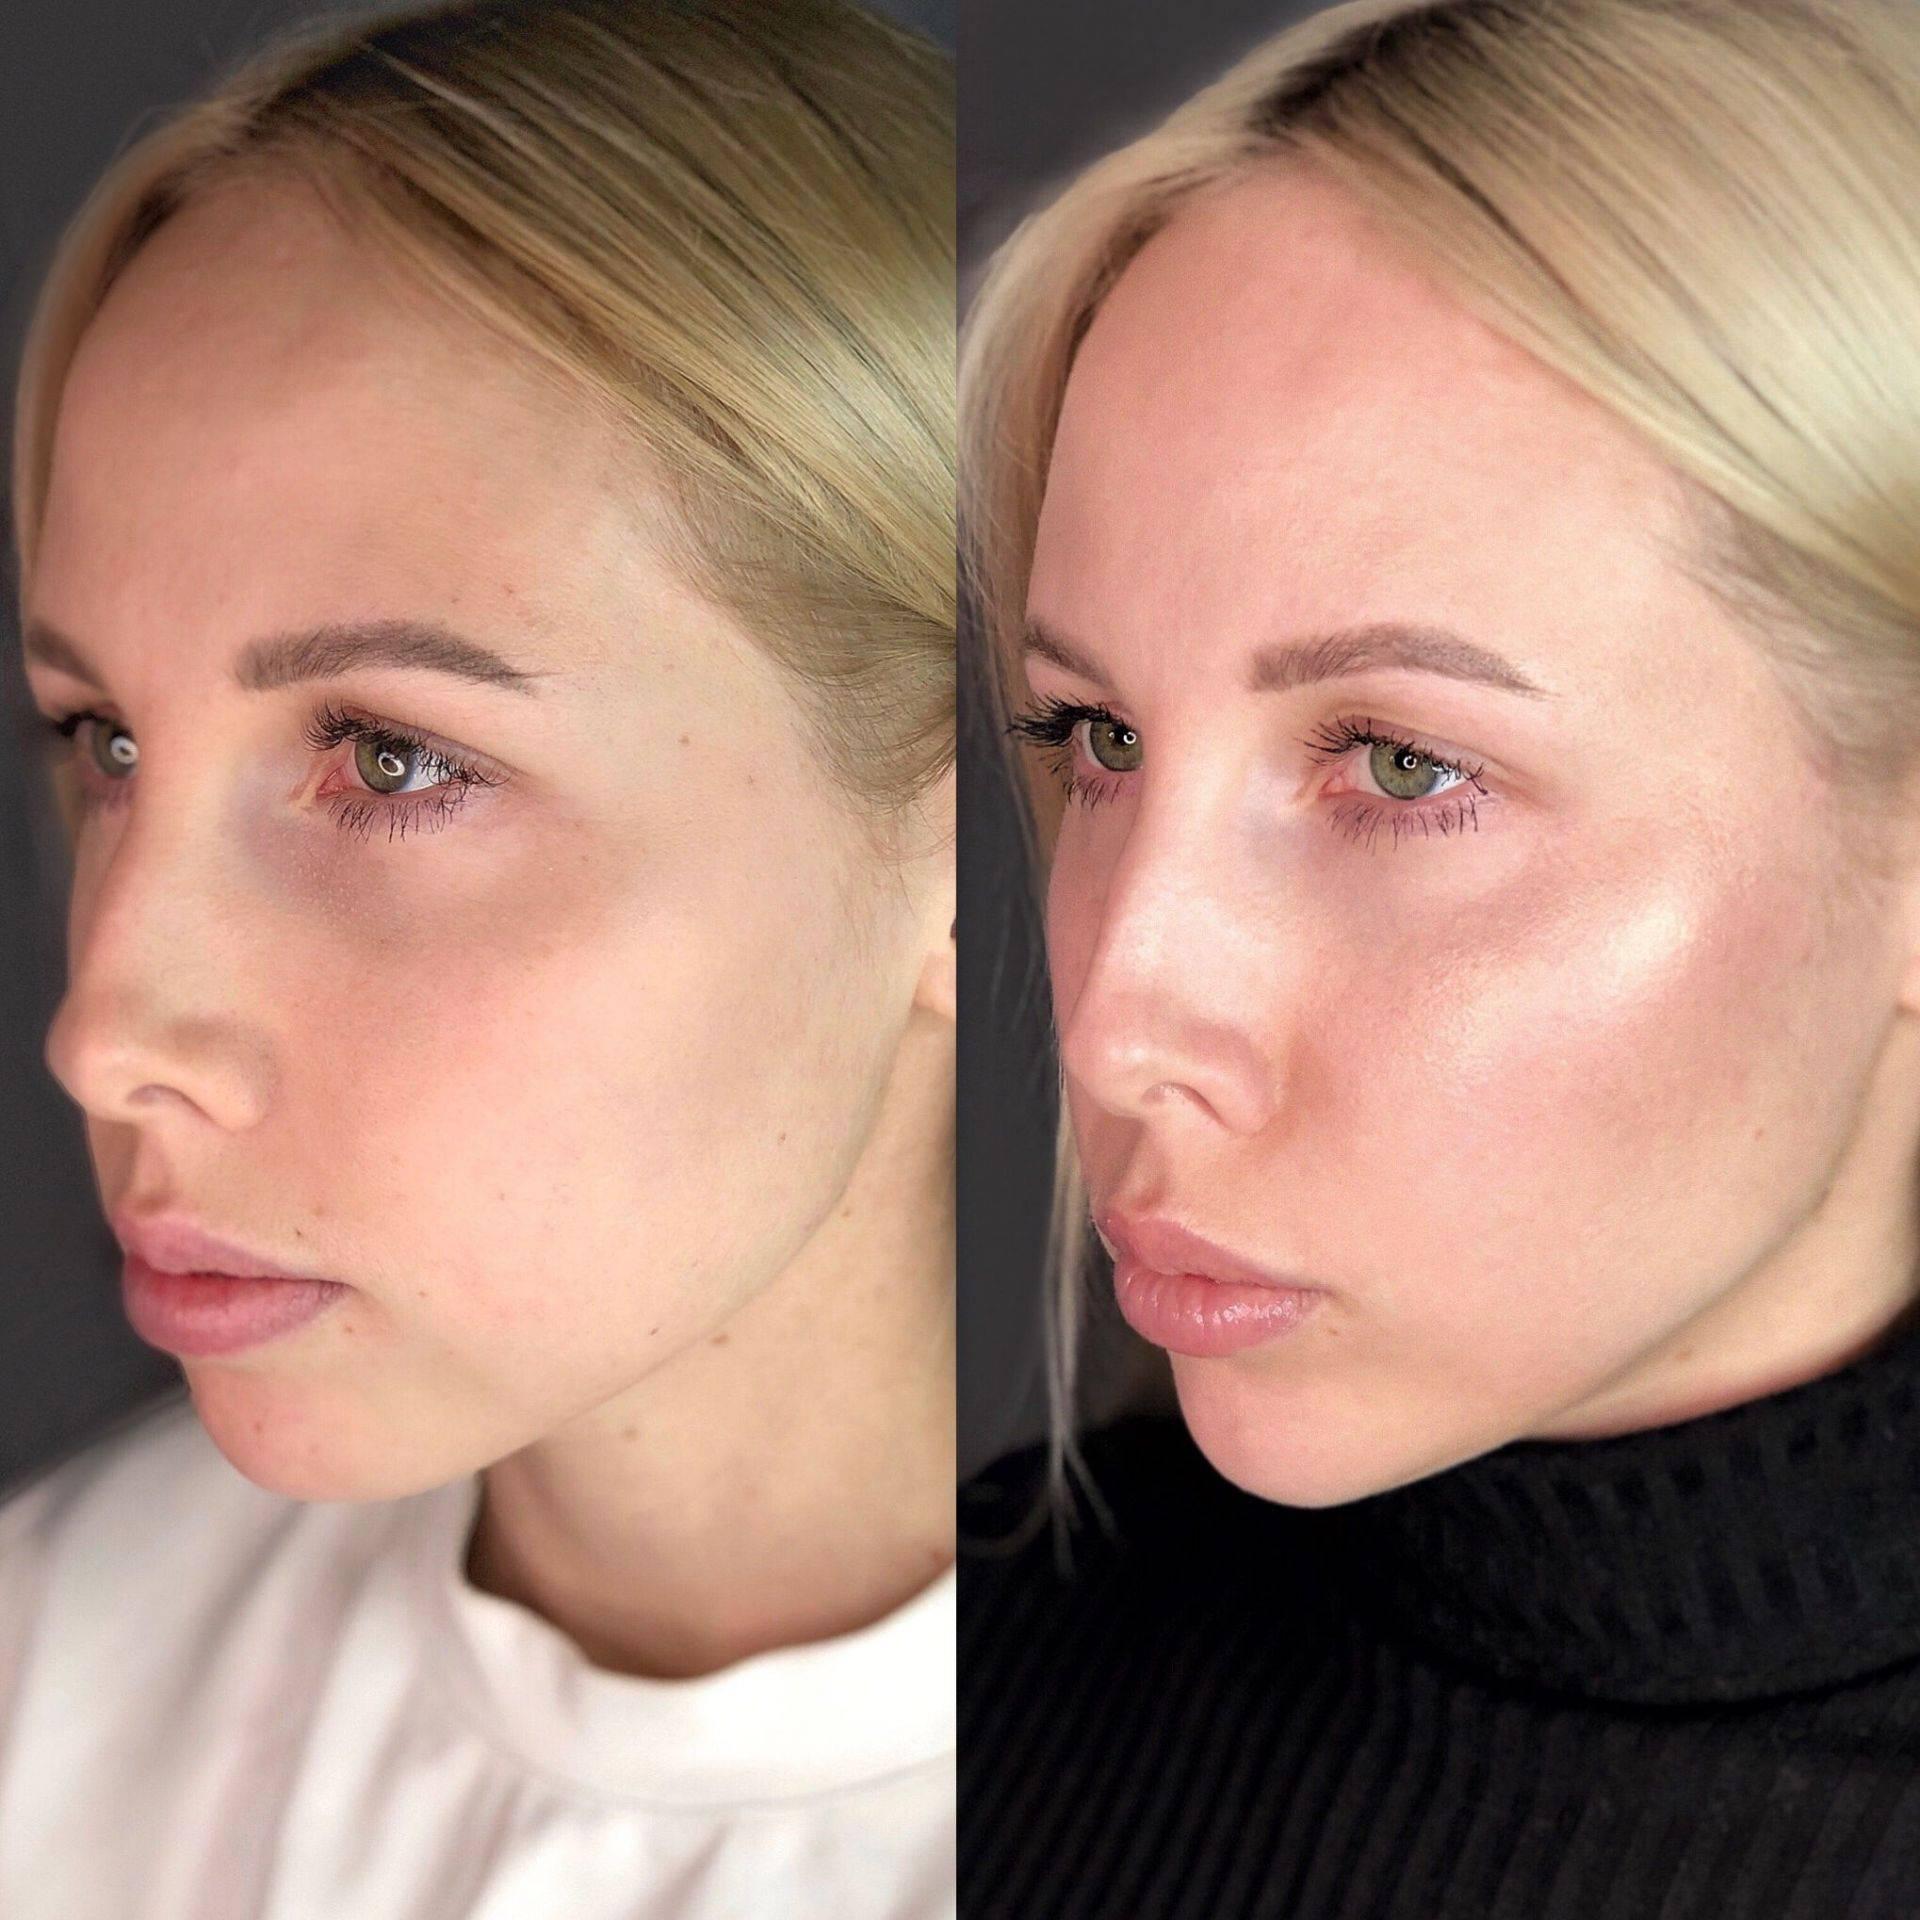 Какие бывают формы скул, примеры на фото. как сделать выраженными скулы при помощи макияжа.